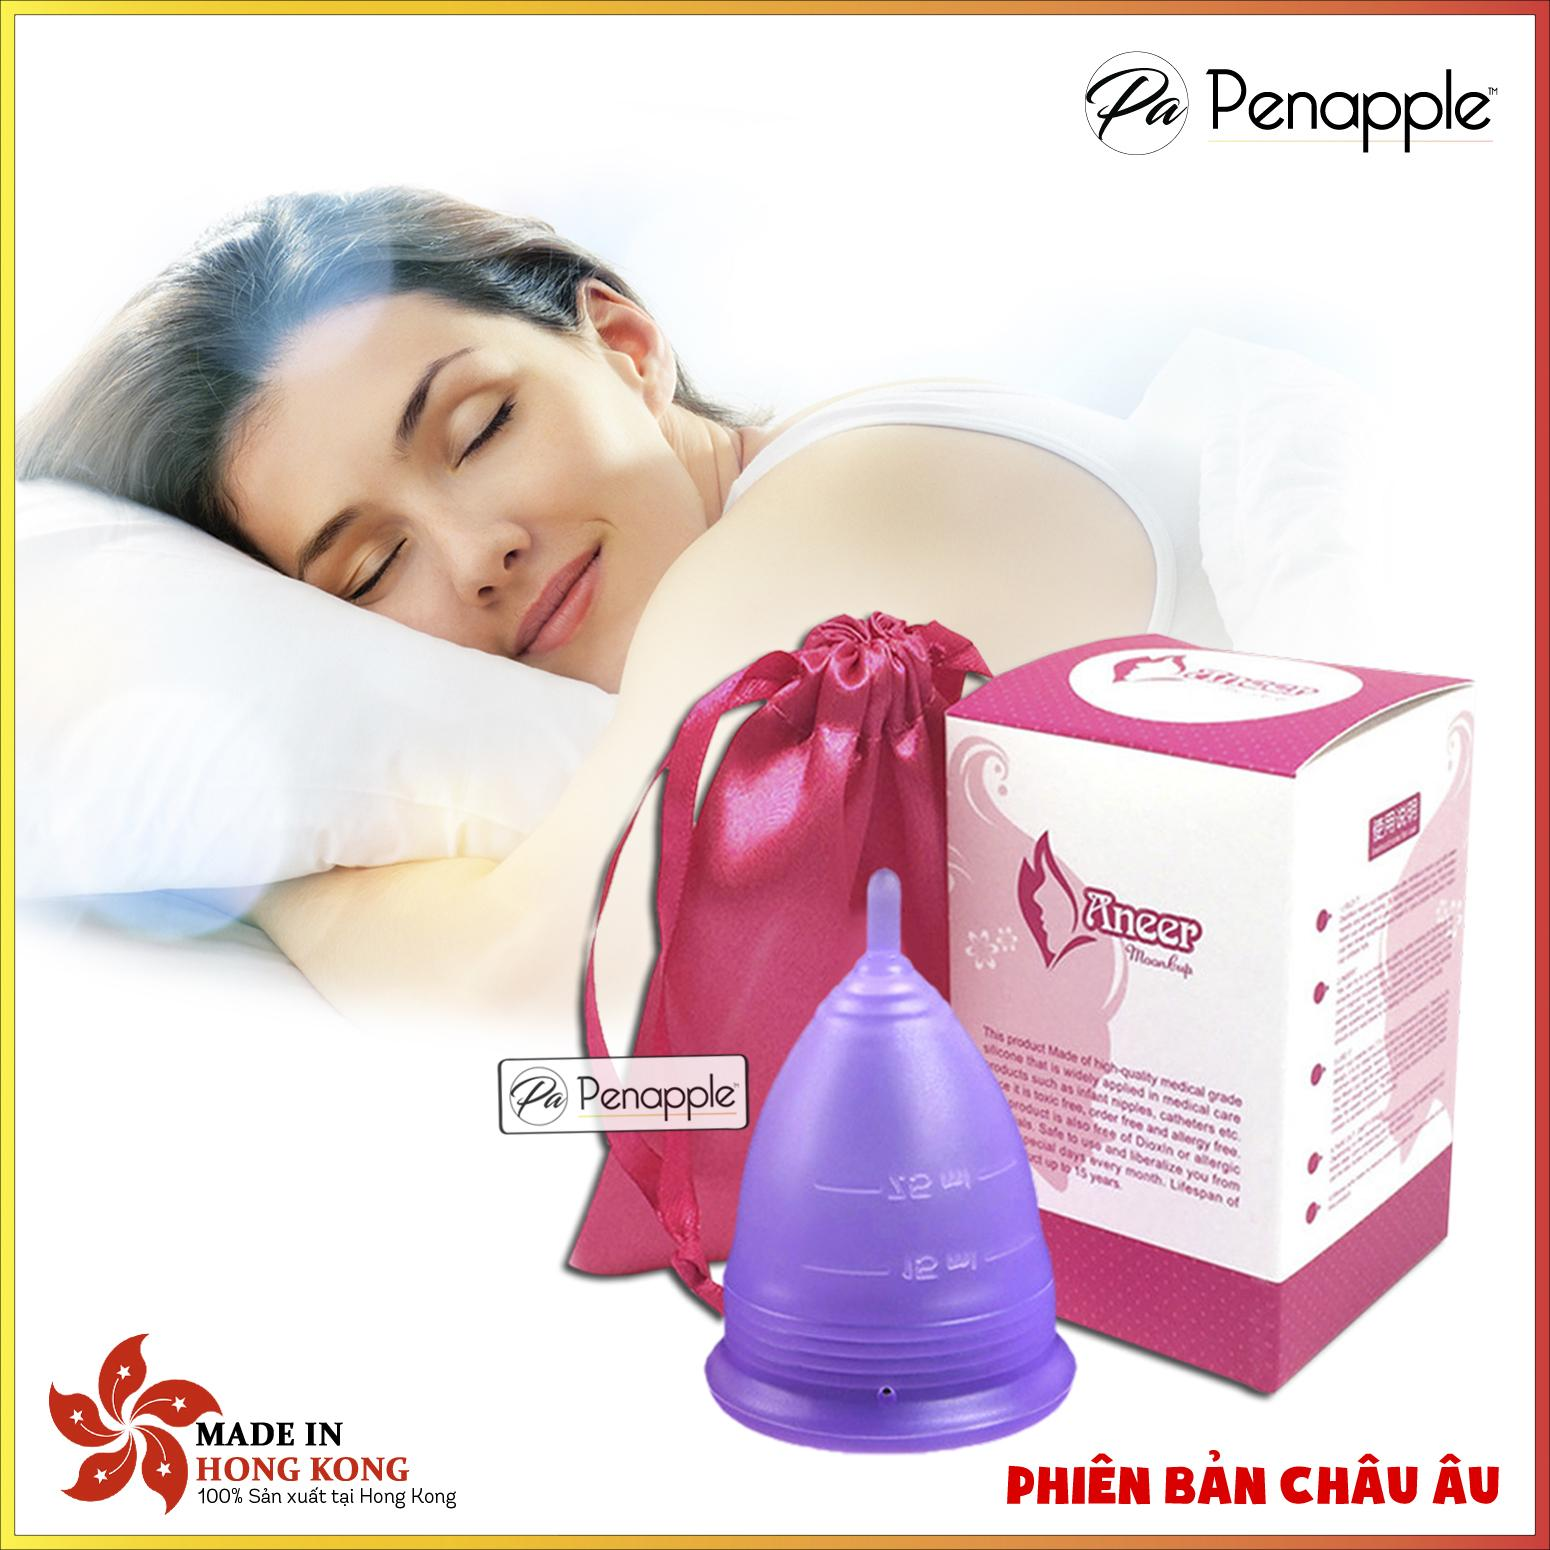 Cốc nguyệt san silicone Aneer (Tím Nhạt) thay thế băng vệ sinh và tampon - sản xuất tại Hồng Kông